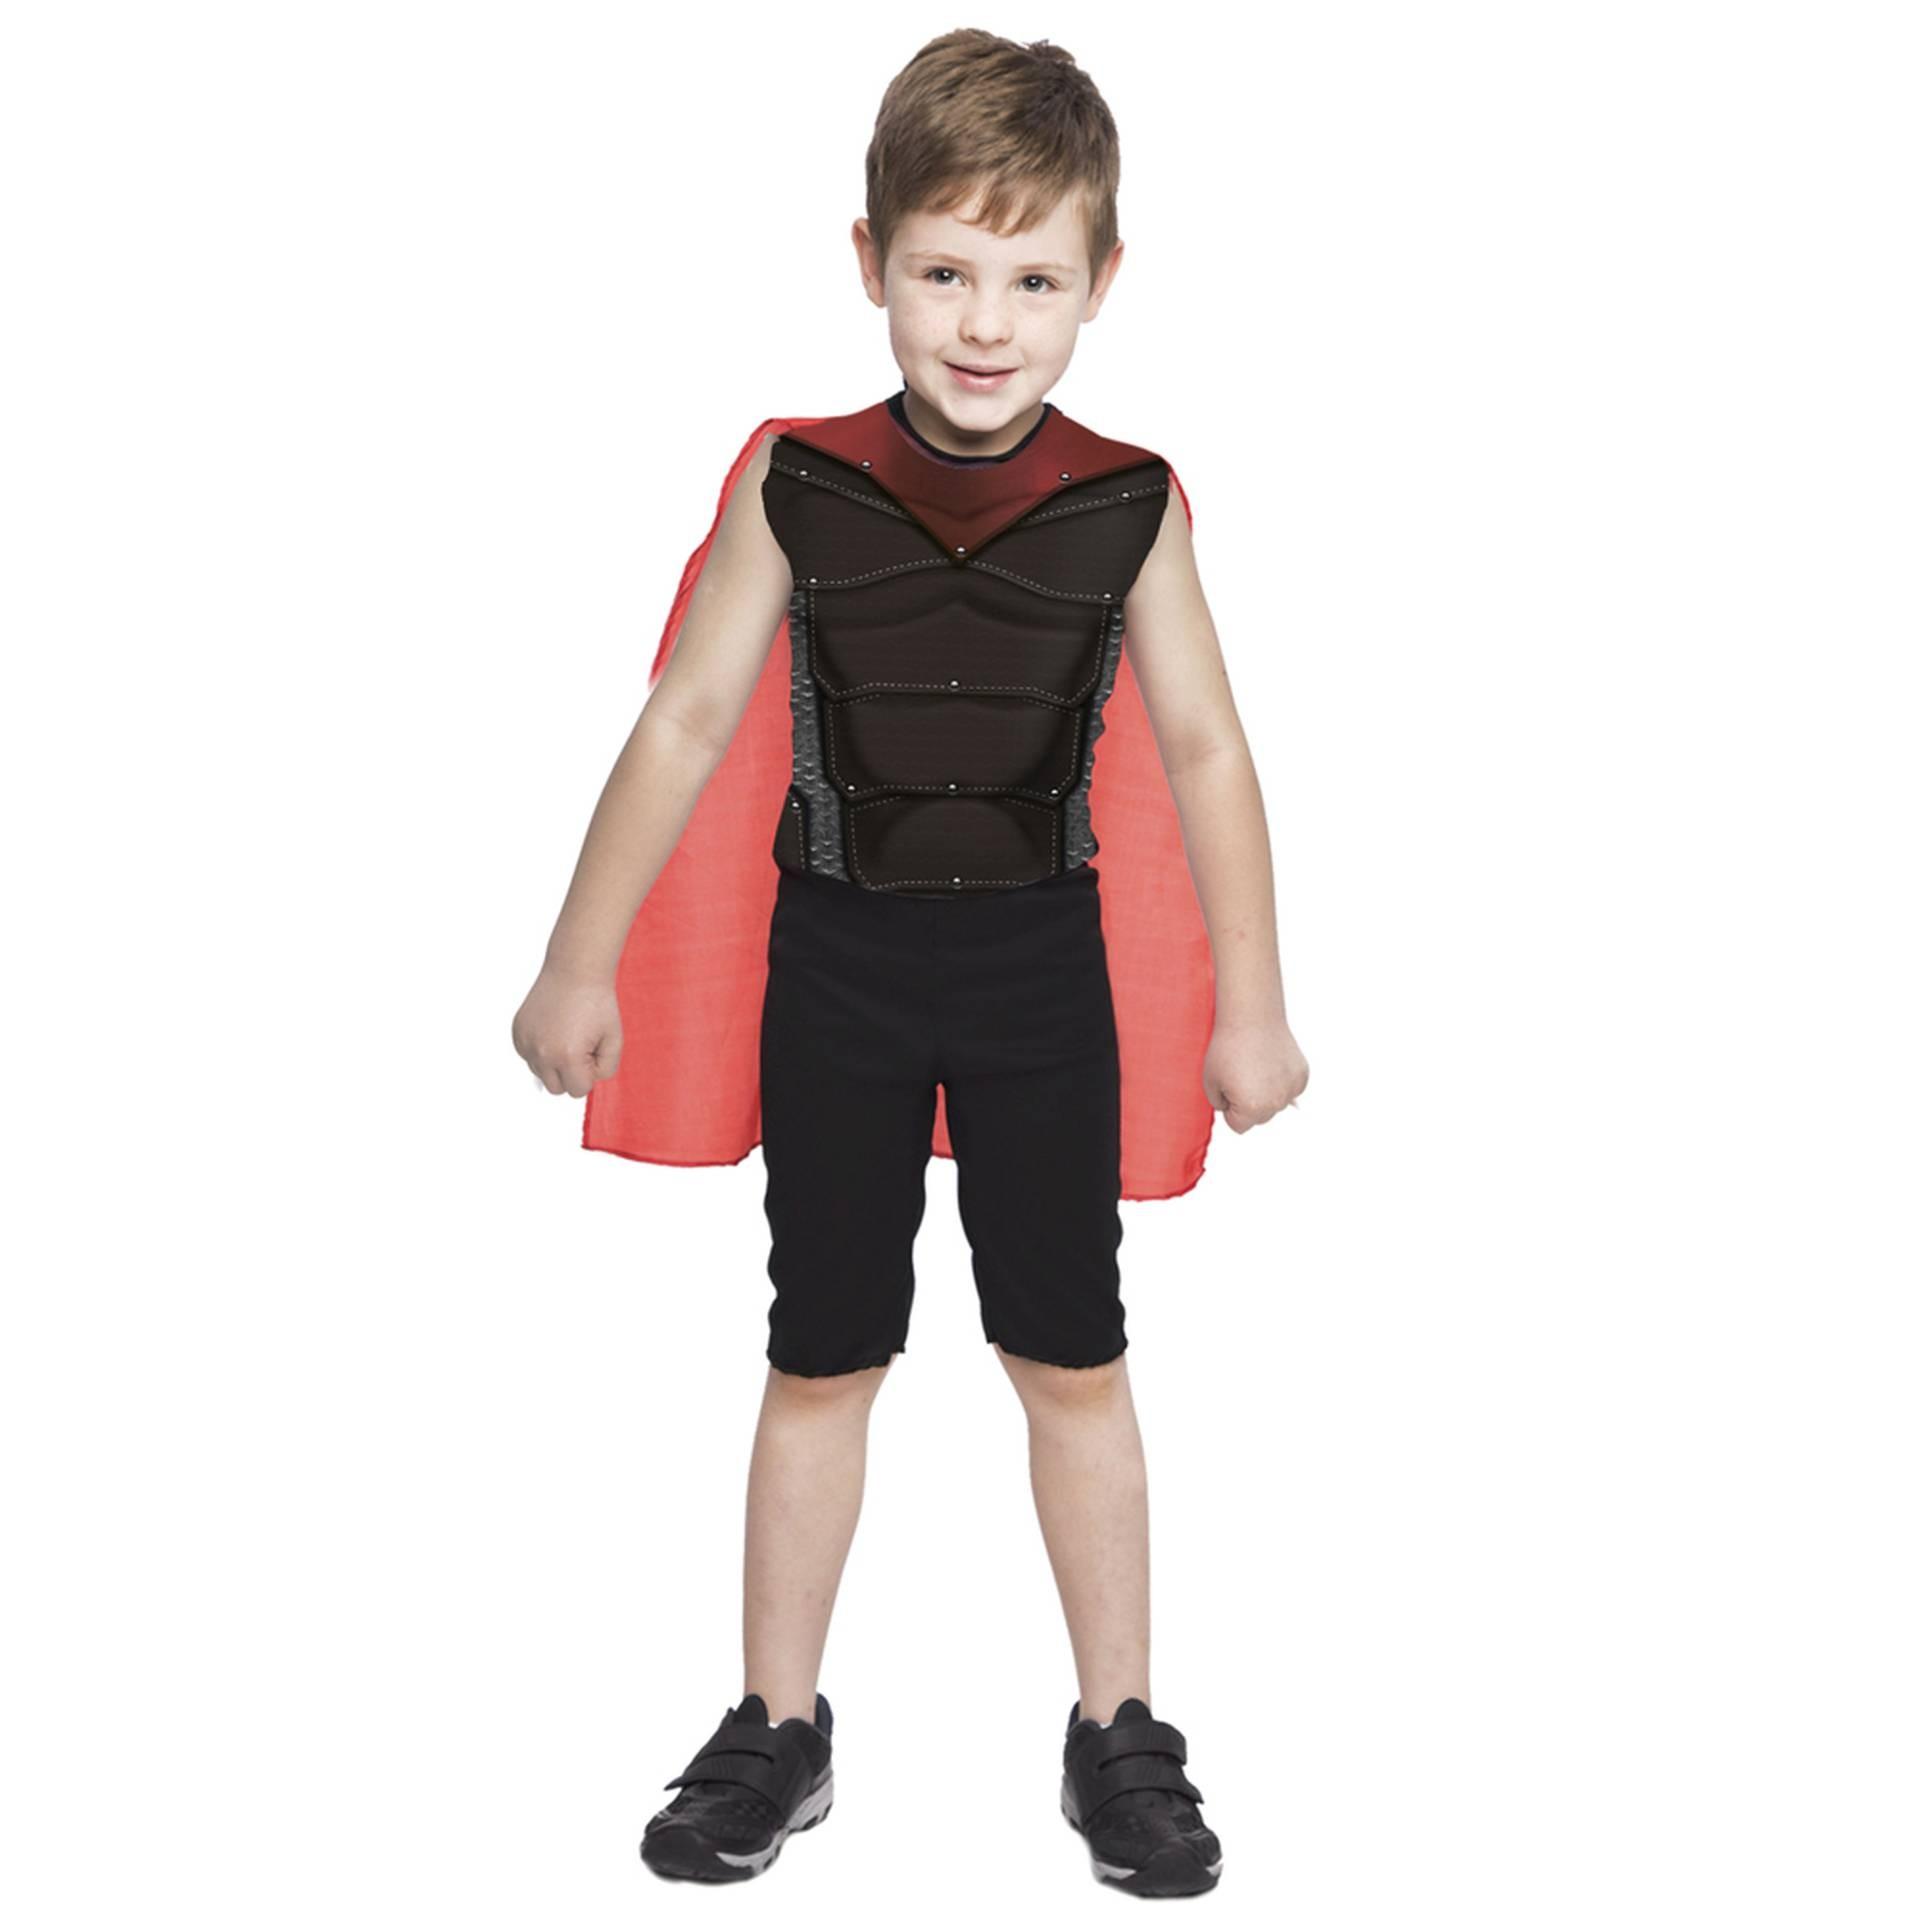 Fantasia de Super Menino Martelo, macacão com capa e músculos